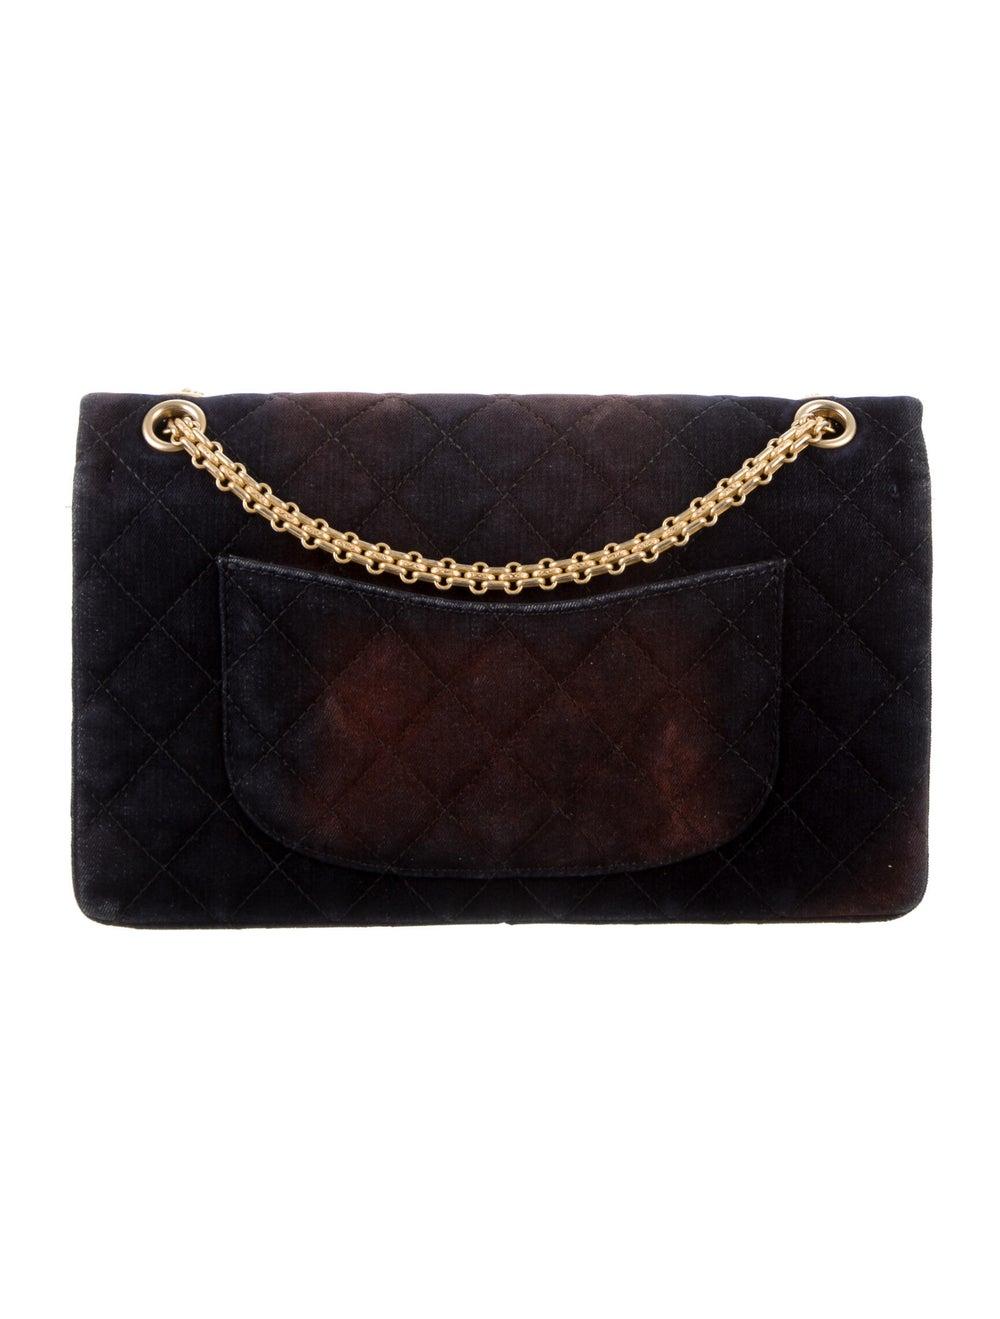 Chanel Velvet Reissue 226 Double Flap Bag Blue - image 4